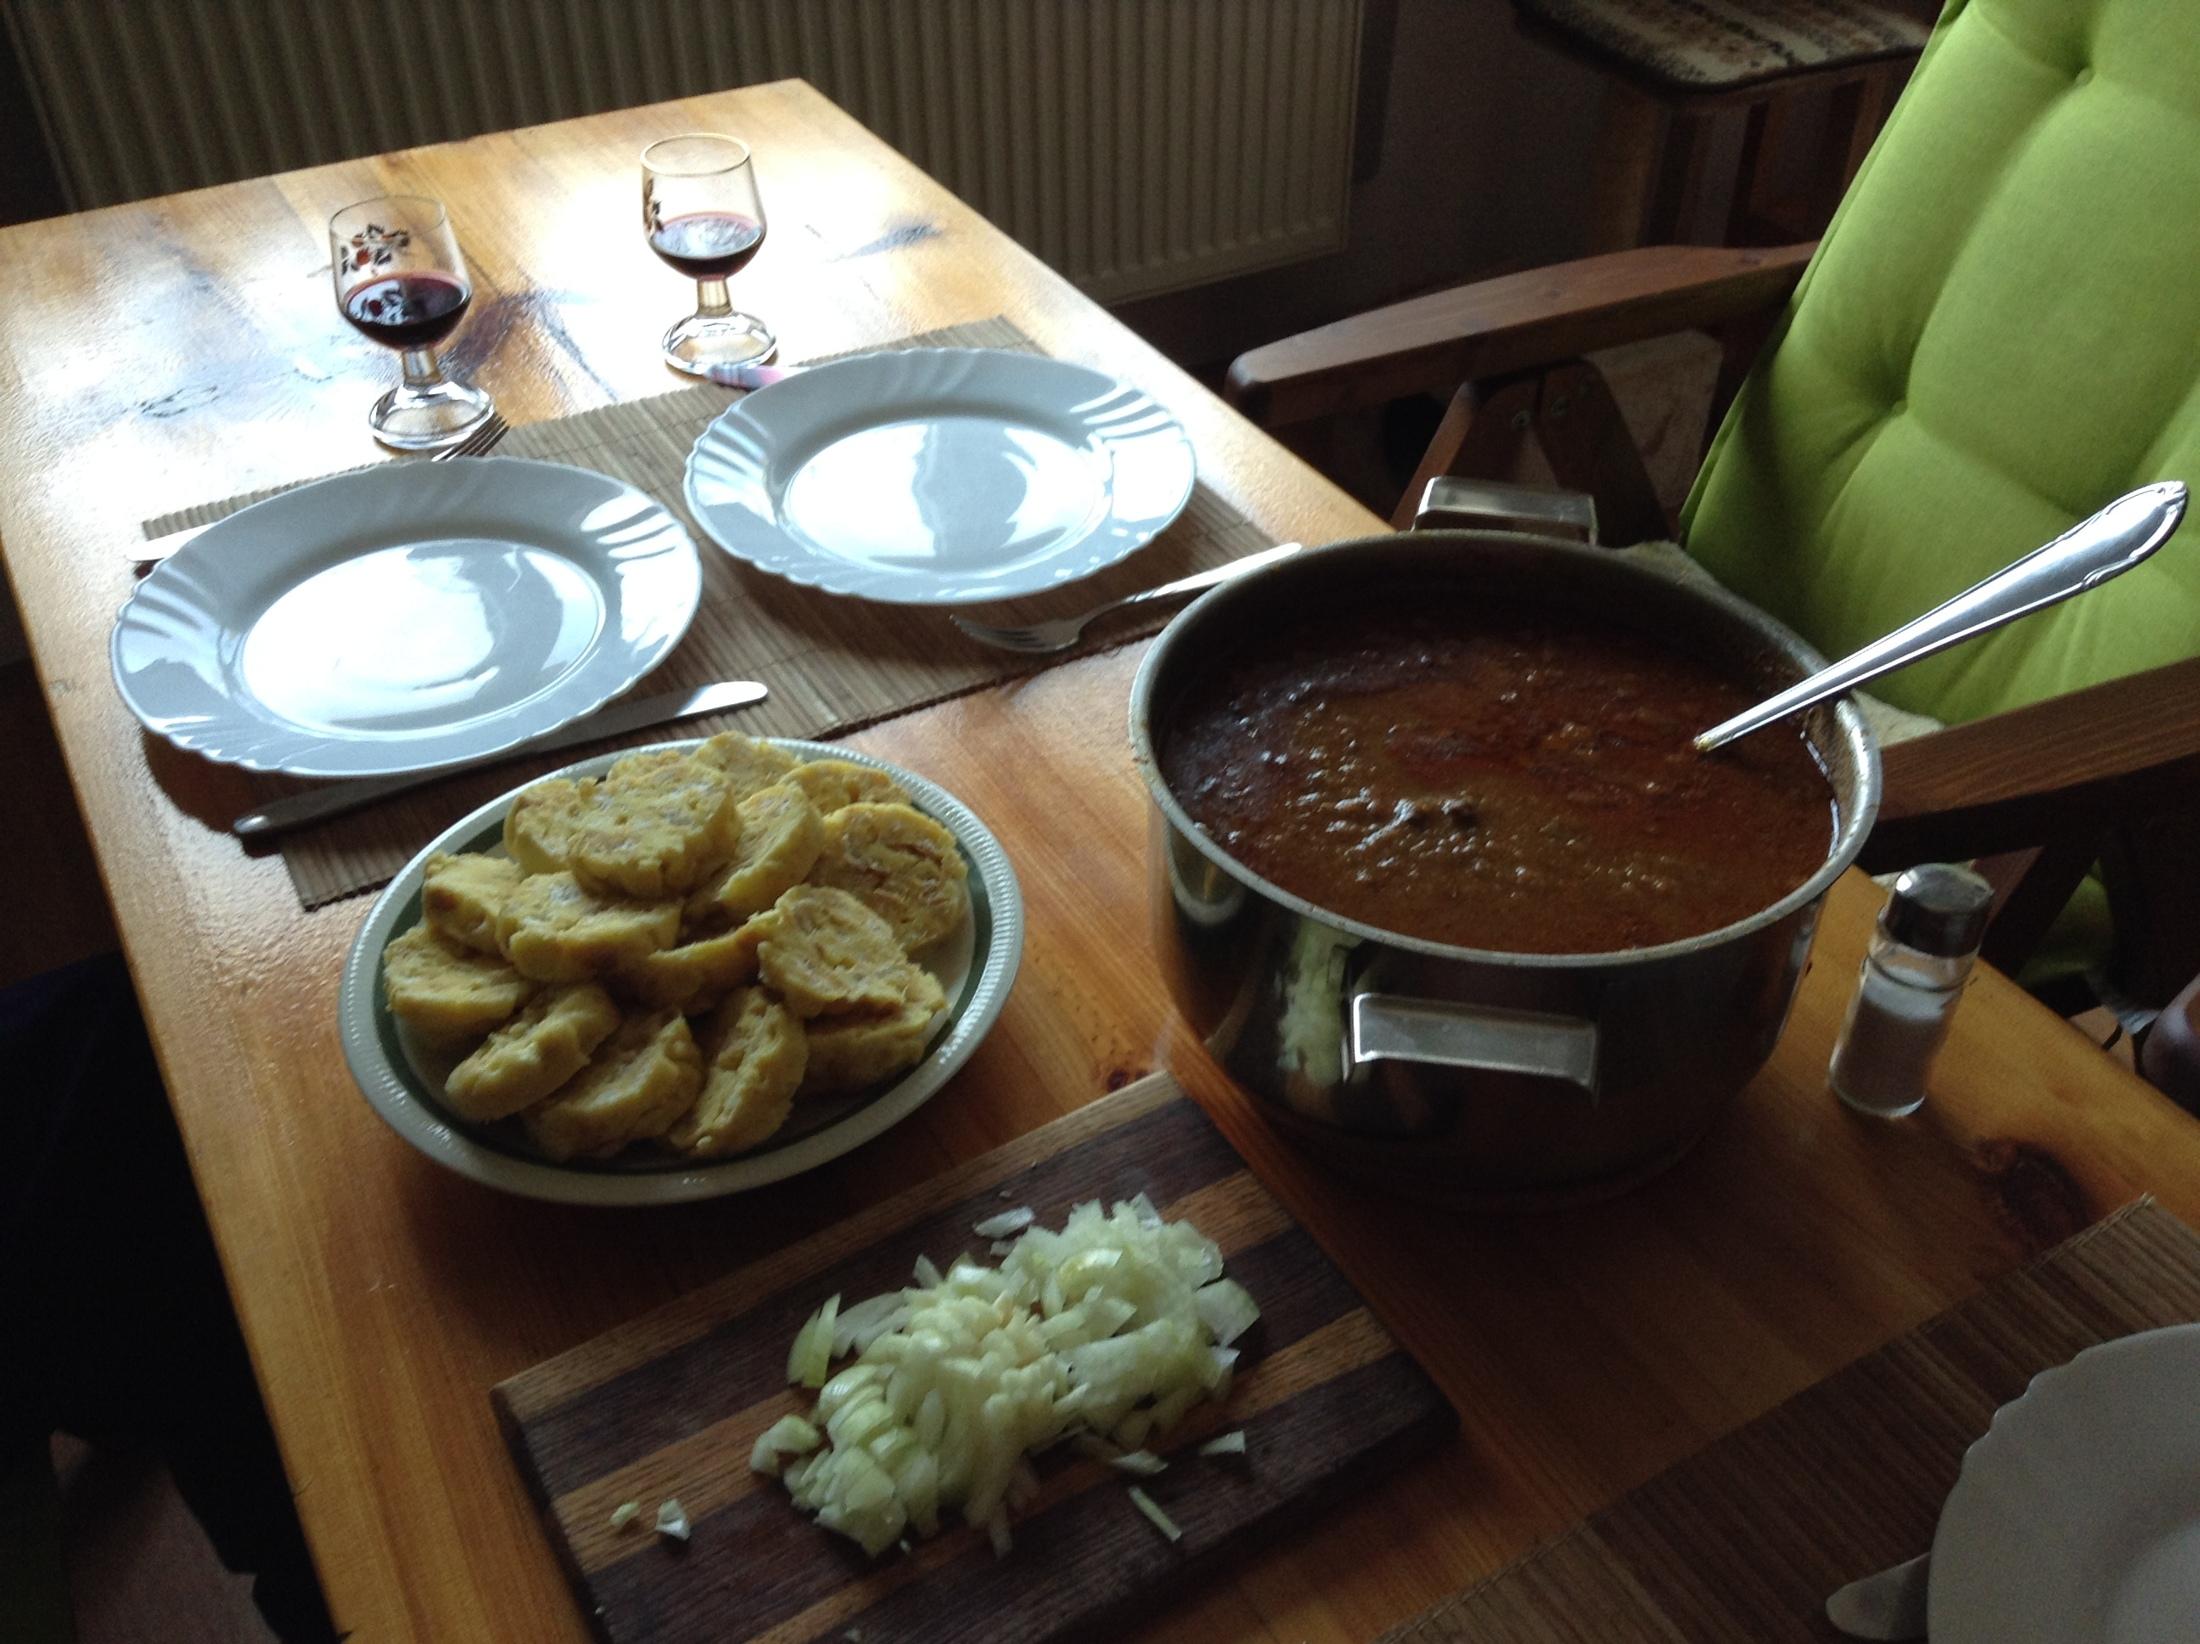 Recept Kančí gulášek - Vytoužený výsledek: Kančí guláš s hrnkovými knedlíky